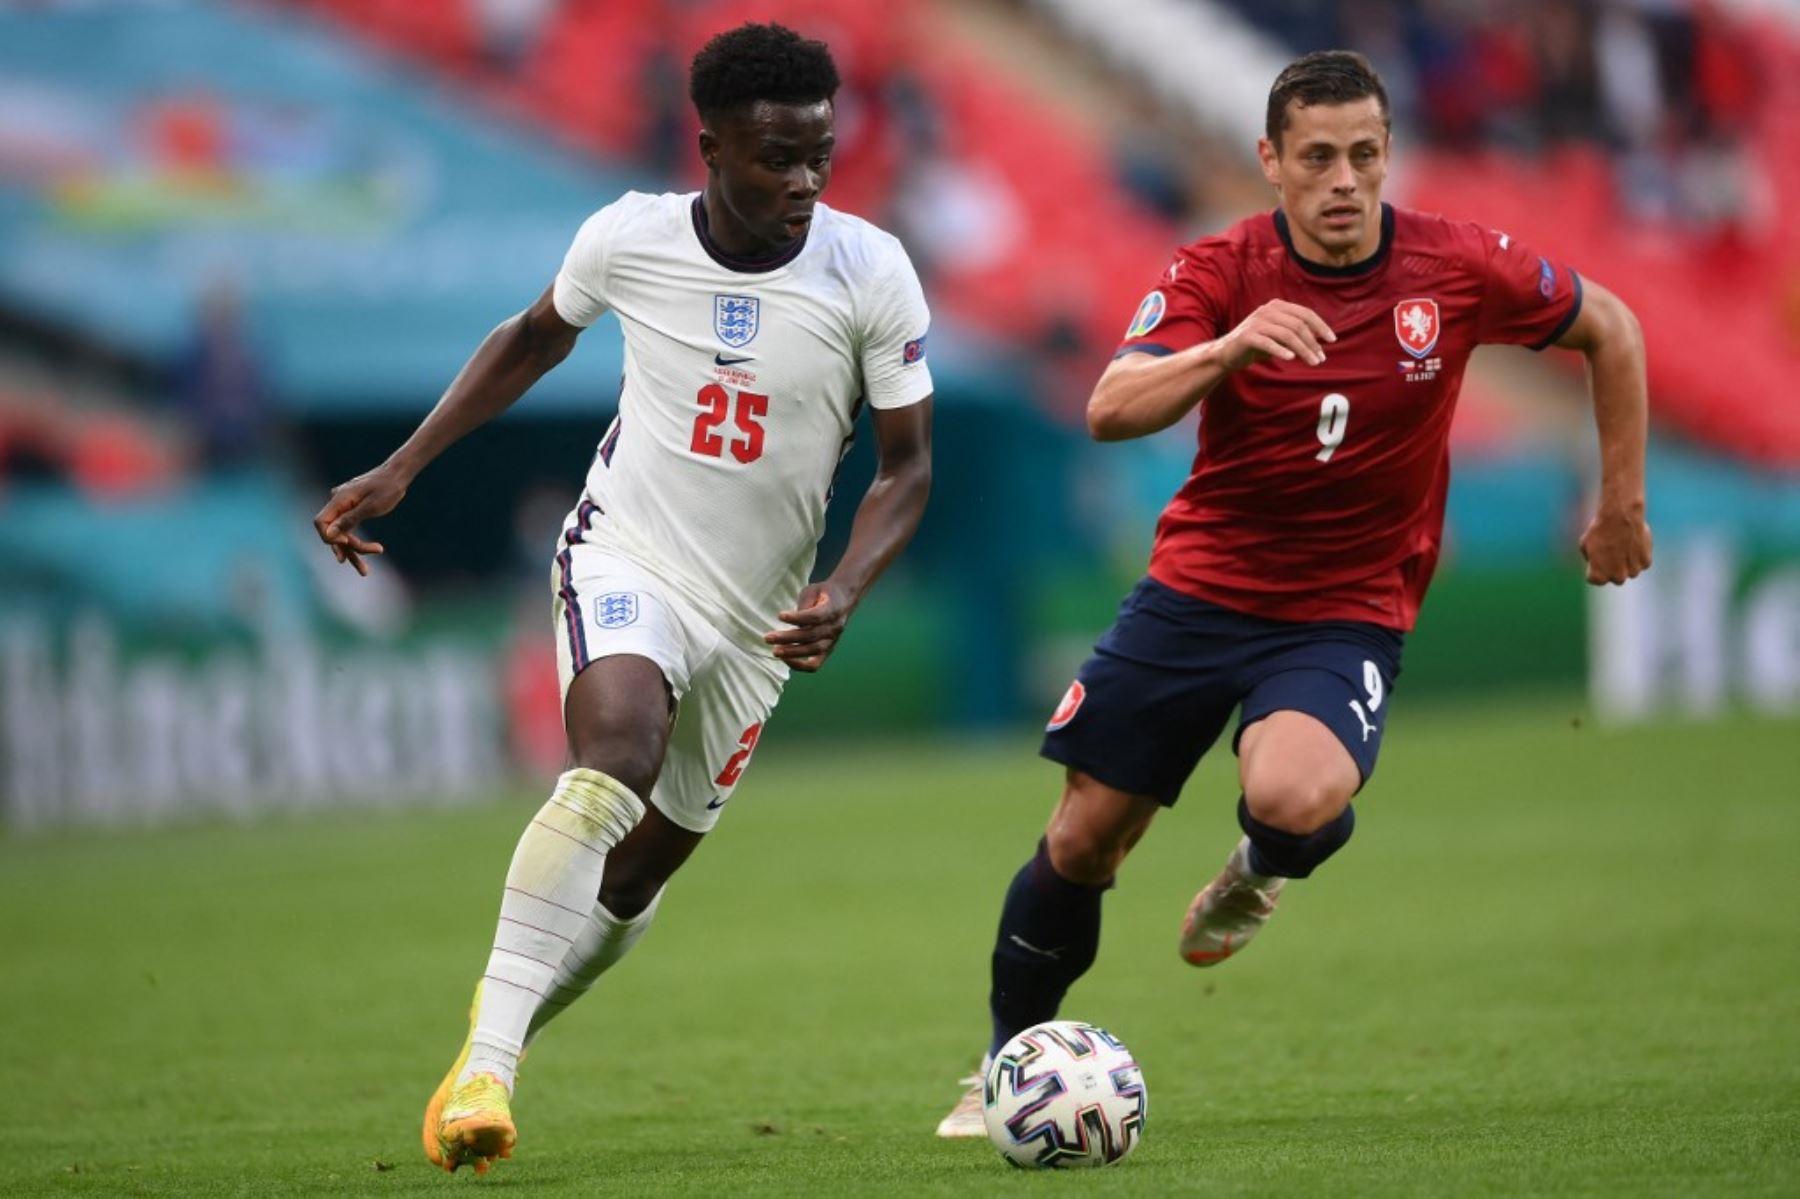 El centrocampista de Inglaterra Bukayo Saka (L) y el centrocampista de la República Checa Tomas Holes compiten por el balón durante el partido de fútbol del Grupo D de la UEFA EURO 2020 entre la República Checa e Inglaterra en el estadio de Wembley en Londres el 22 de junio de 2021. Foto: AFP